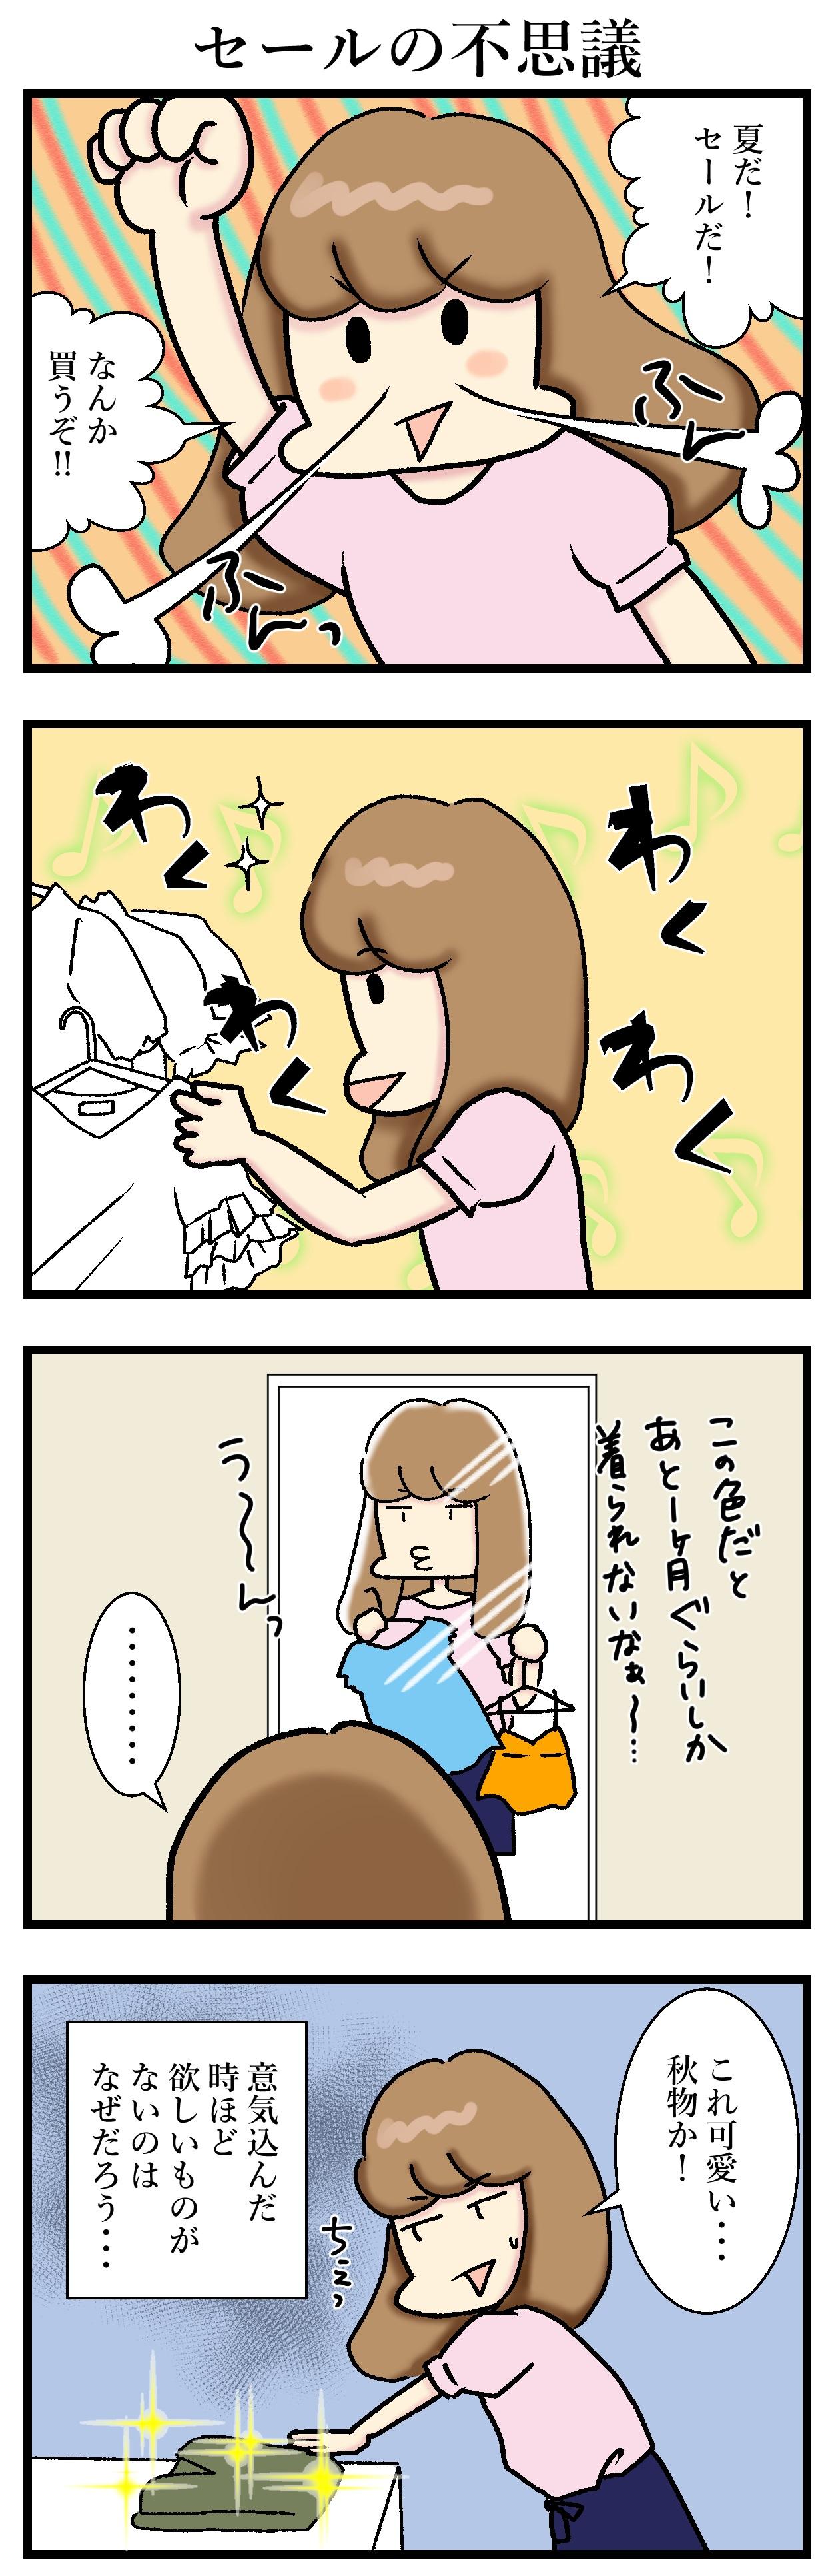 【エッセイ漫画】アラサー主婦くま子のふがいない日常(41)